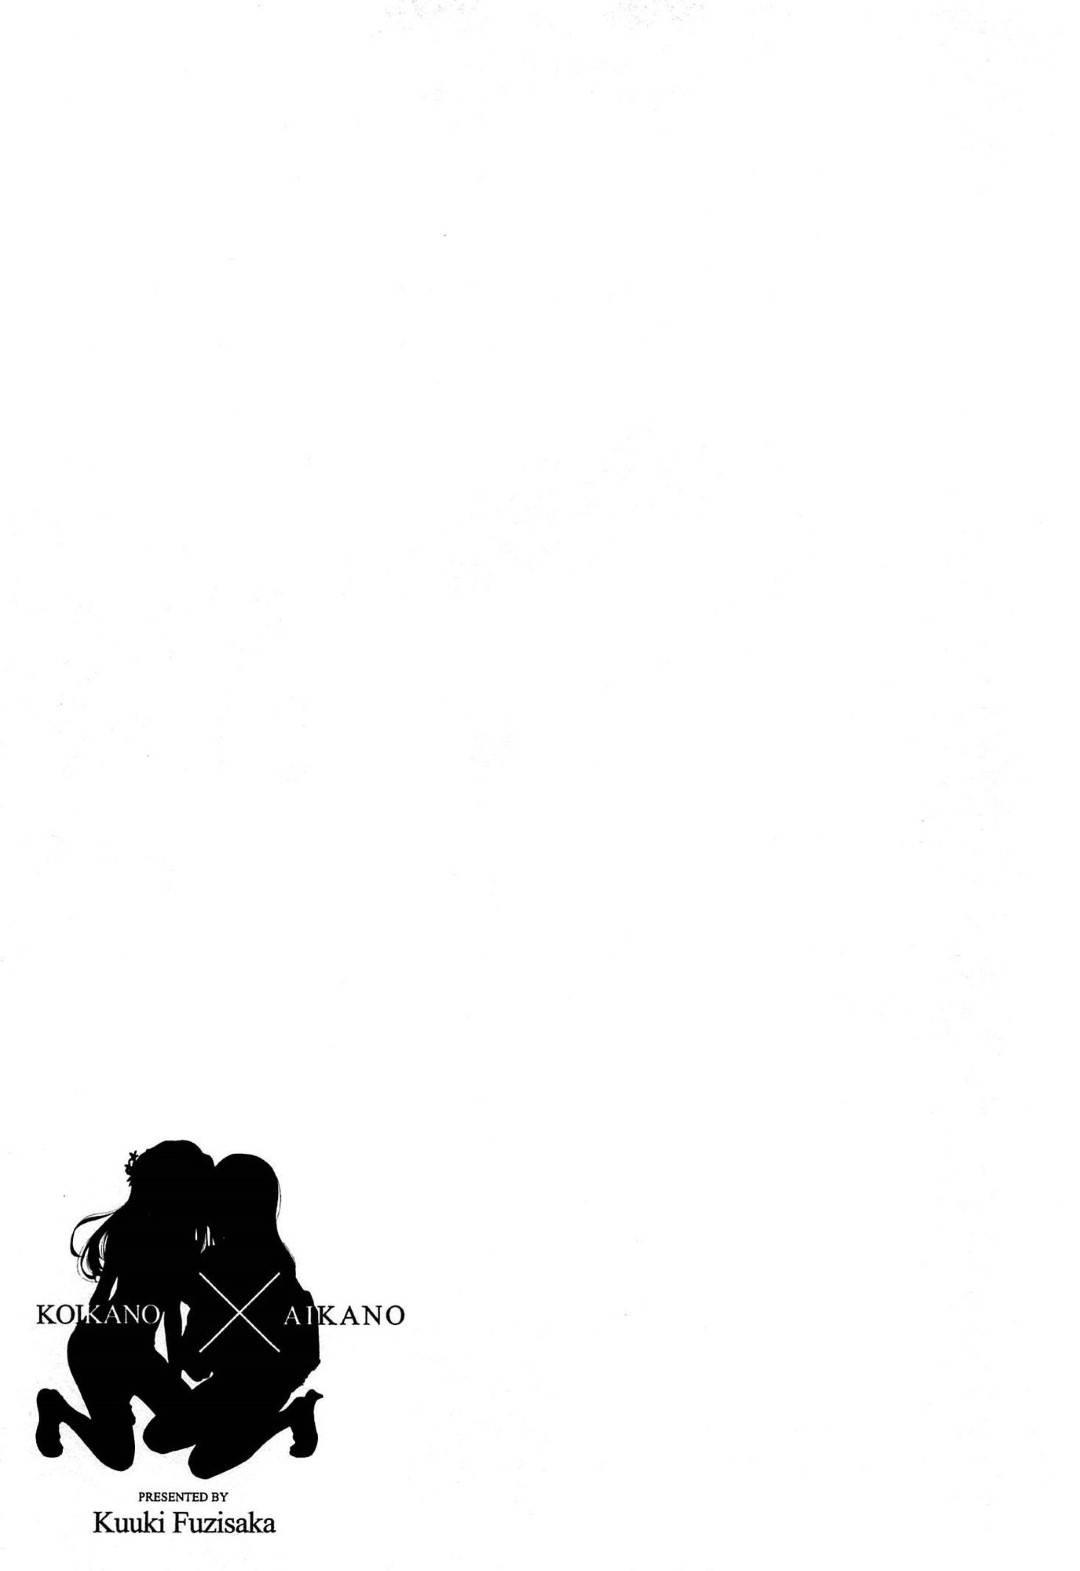 【エロ漫画】ビッチな乱交しているJDとその友達の処女のJD…ひたすらにイチャラブなセックスをしている間に友達の方は処女なので大好きな人のために取っておいてオナニーしちゃう!【藤坂空樹:第8話 流浪の夜】